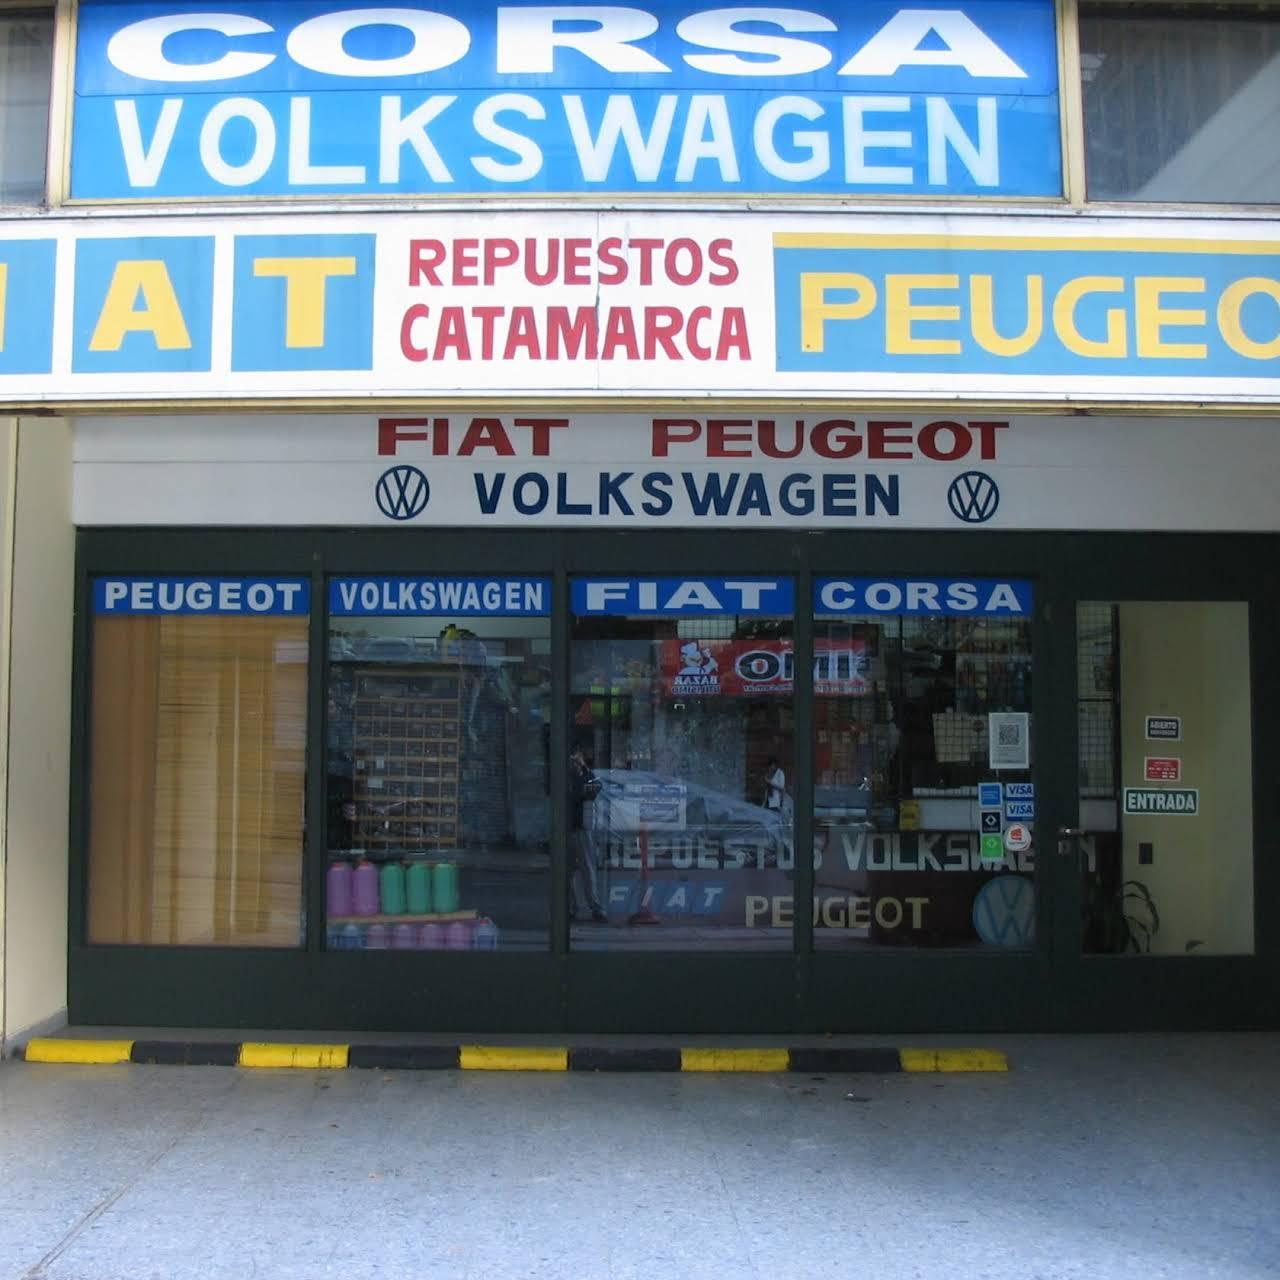 repuestos catamarca fiat peugeot chevrolet volkswagen tienda de repuestos para carro en san cristobal repuestos catamarca fiat peugeot